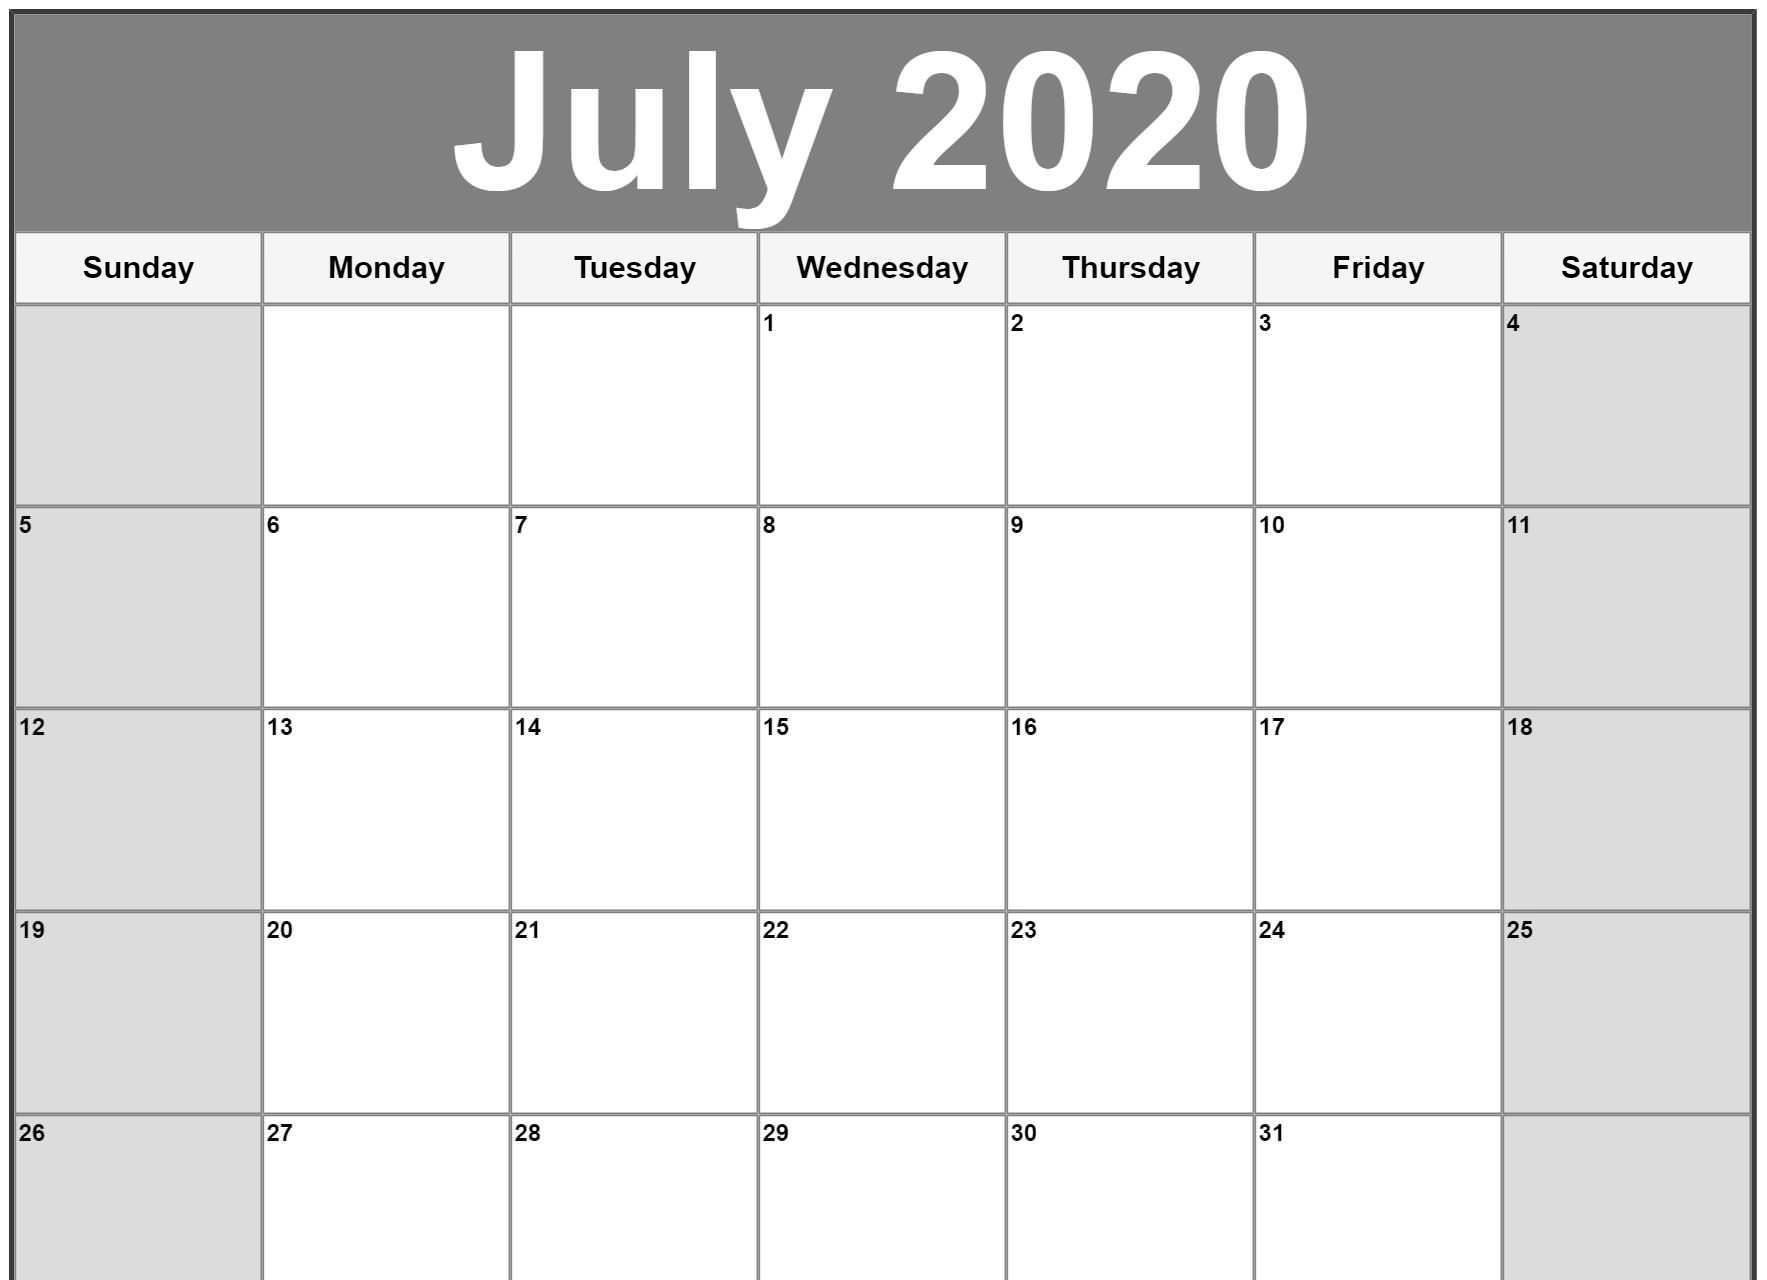 July 2020 Moon Calendar Template